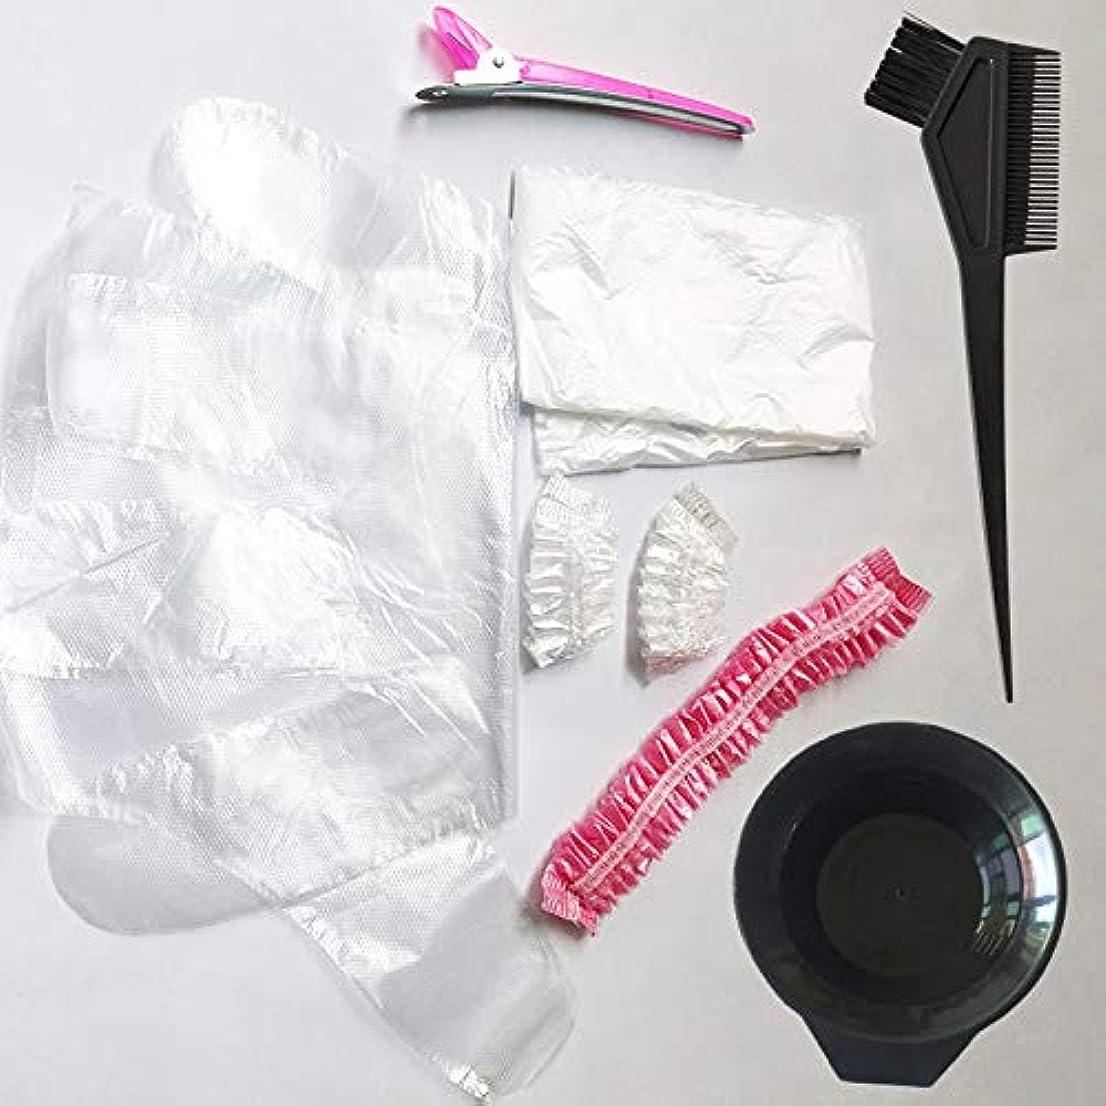 修復米ドル霧ヘアダイブラシ ヘアカラーカップ 毛染め用耳カバー ヘアダイコーム 8点セット 白髪染め 家庭用 美容師プロ用 プラスチック製